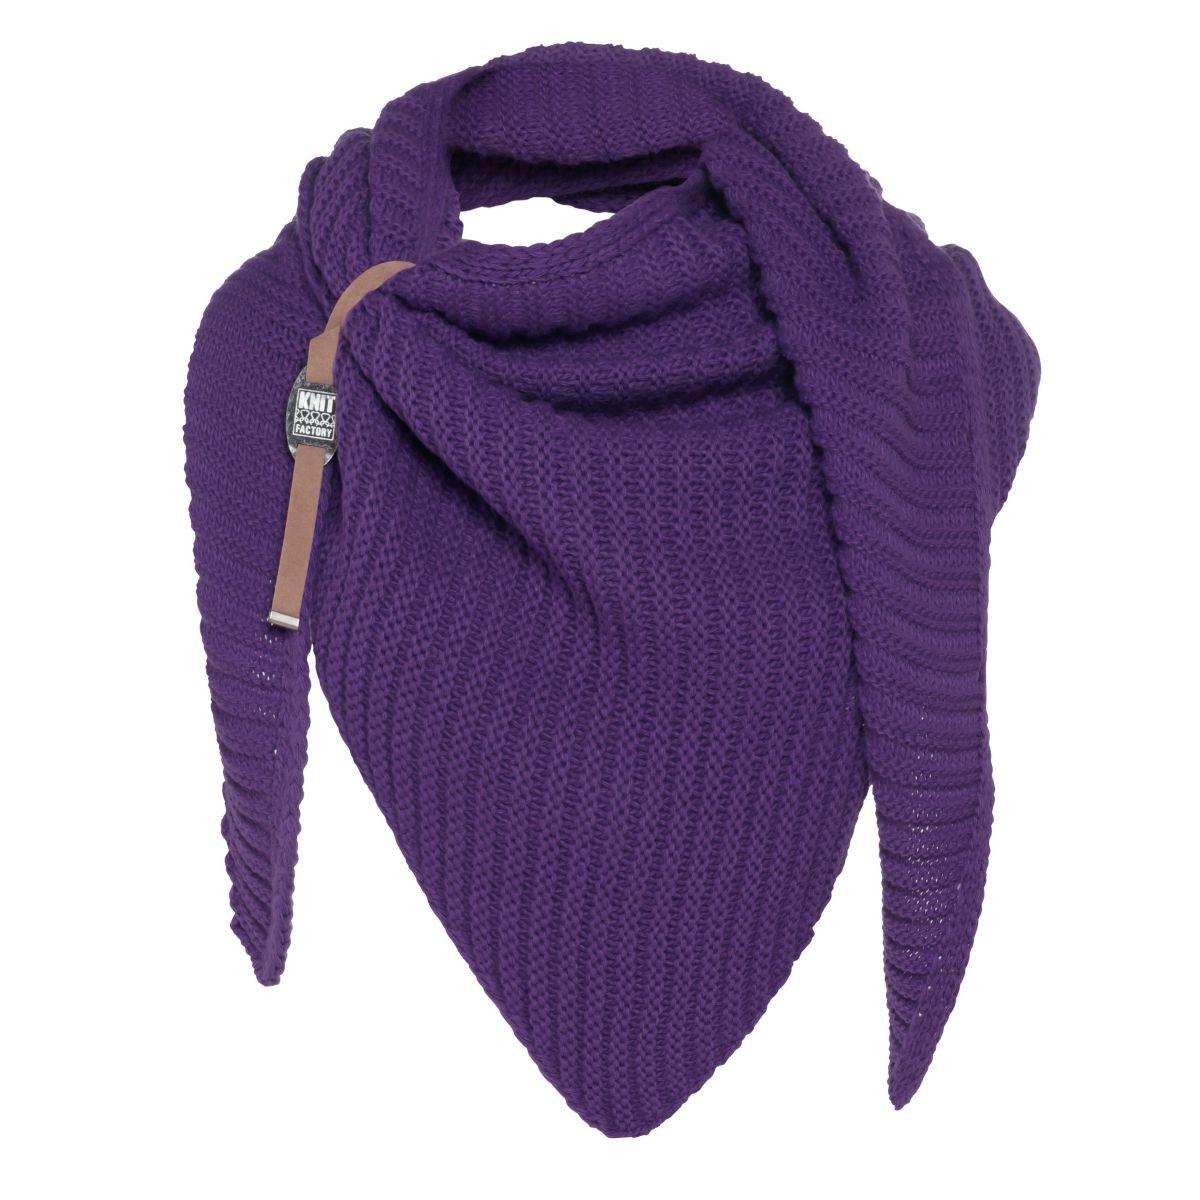 knit factory kf14706012350 demy omslagdoek purple 1